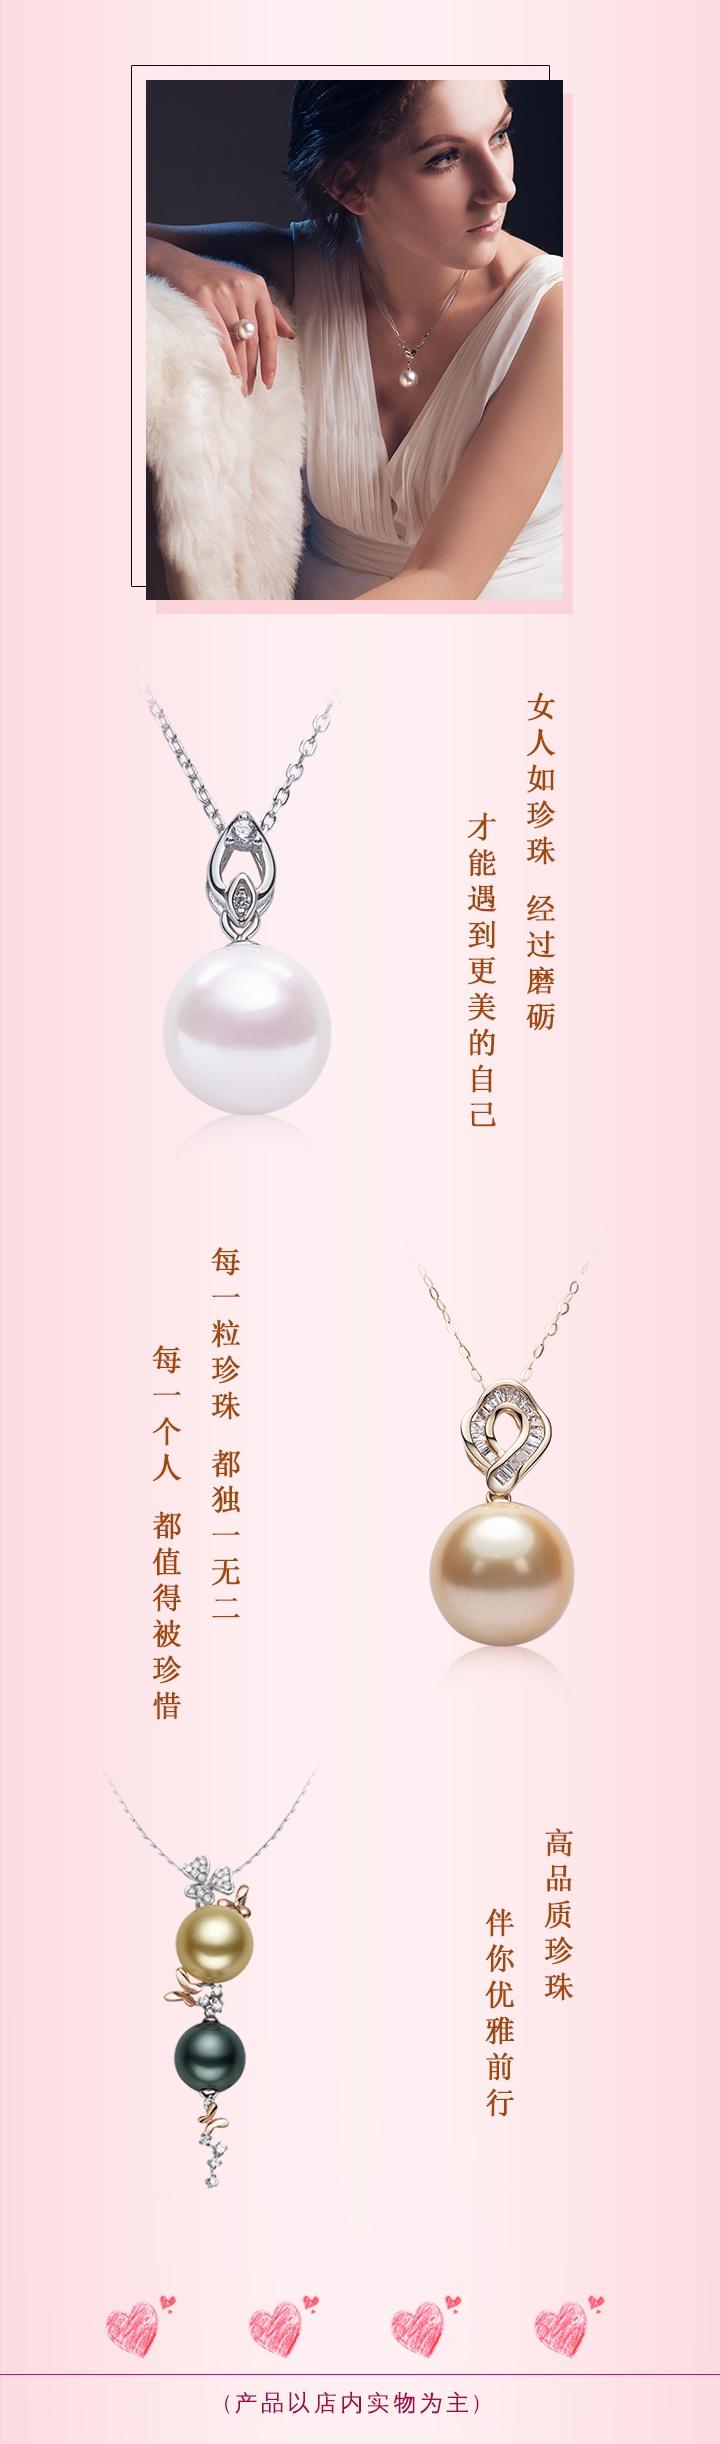 珍珠节_04.jpg